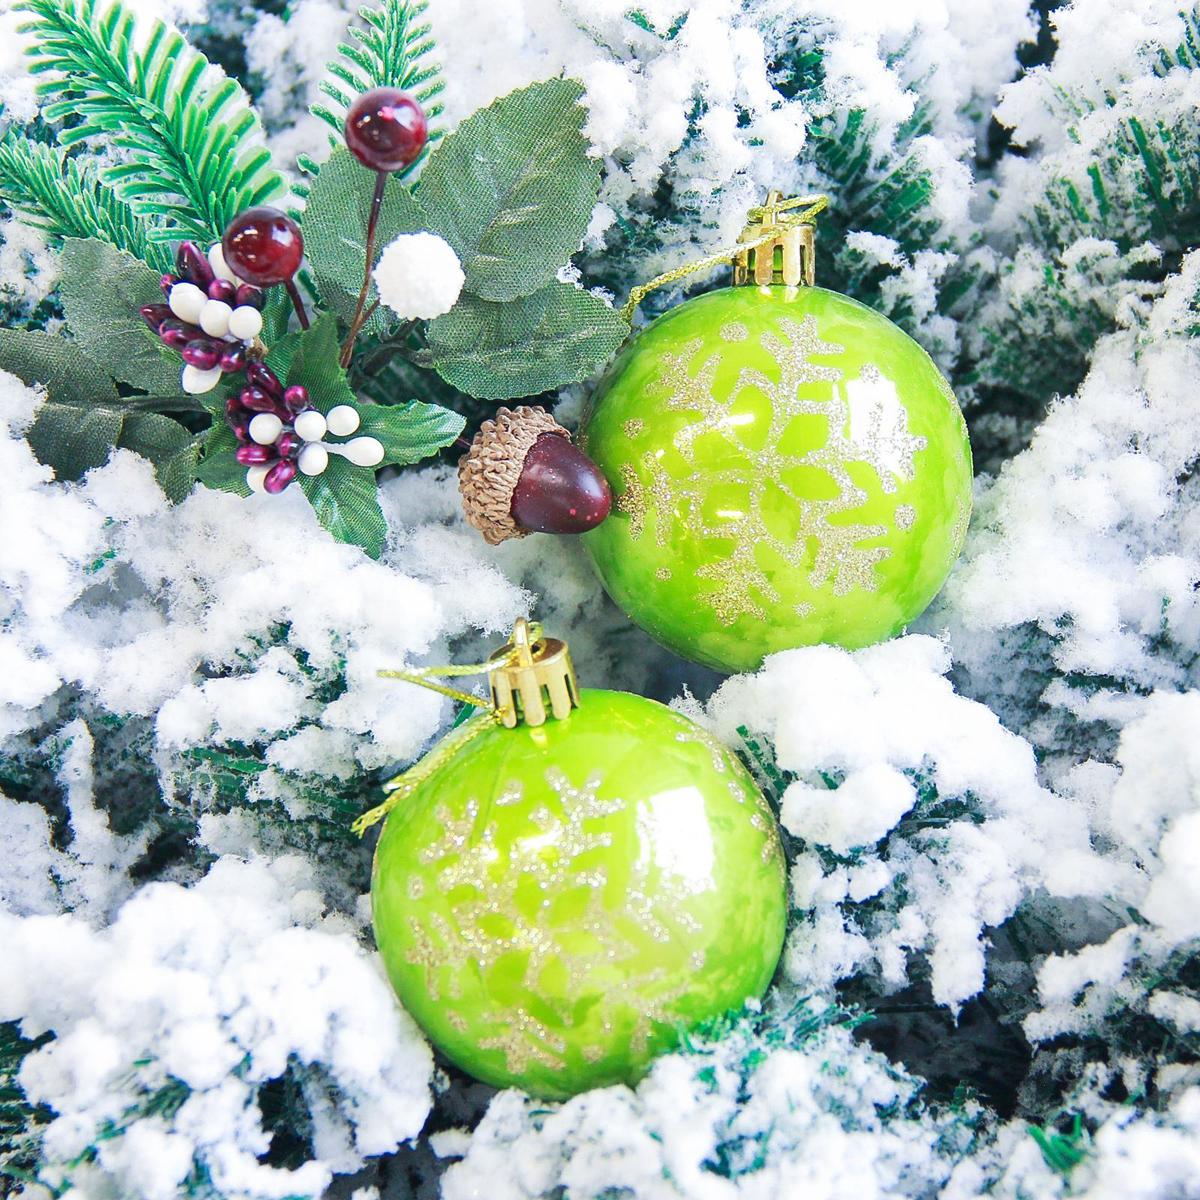 Набор новогодних подвесных украшений Sima-land Снежинка капель, цвет: зеленый, диаметр 6 см, 6 шт2178183Невозможно представить нашу жизнь без праздников! Мы всегда ждём их и предвкушаем, обдумываем, как проведём памятный день, тщательно выбираем подарки и аксессуары, ведь именно они создают и поддерживают торжественный настрой.